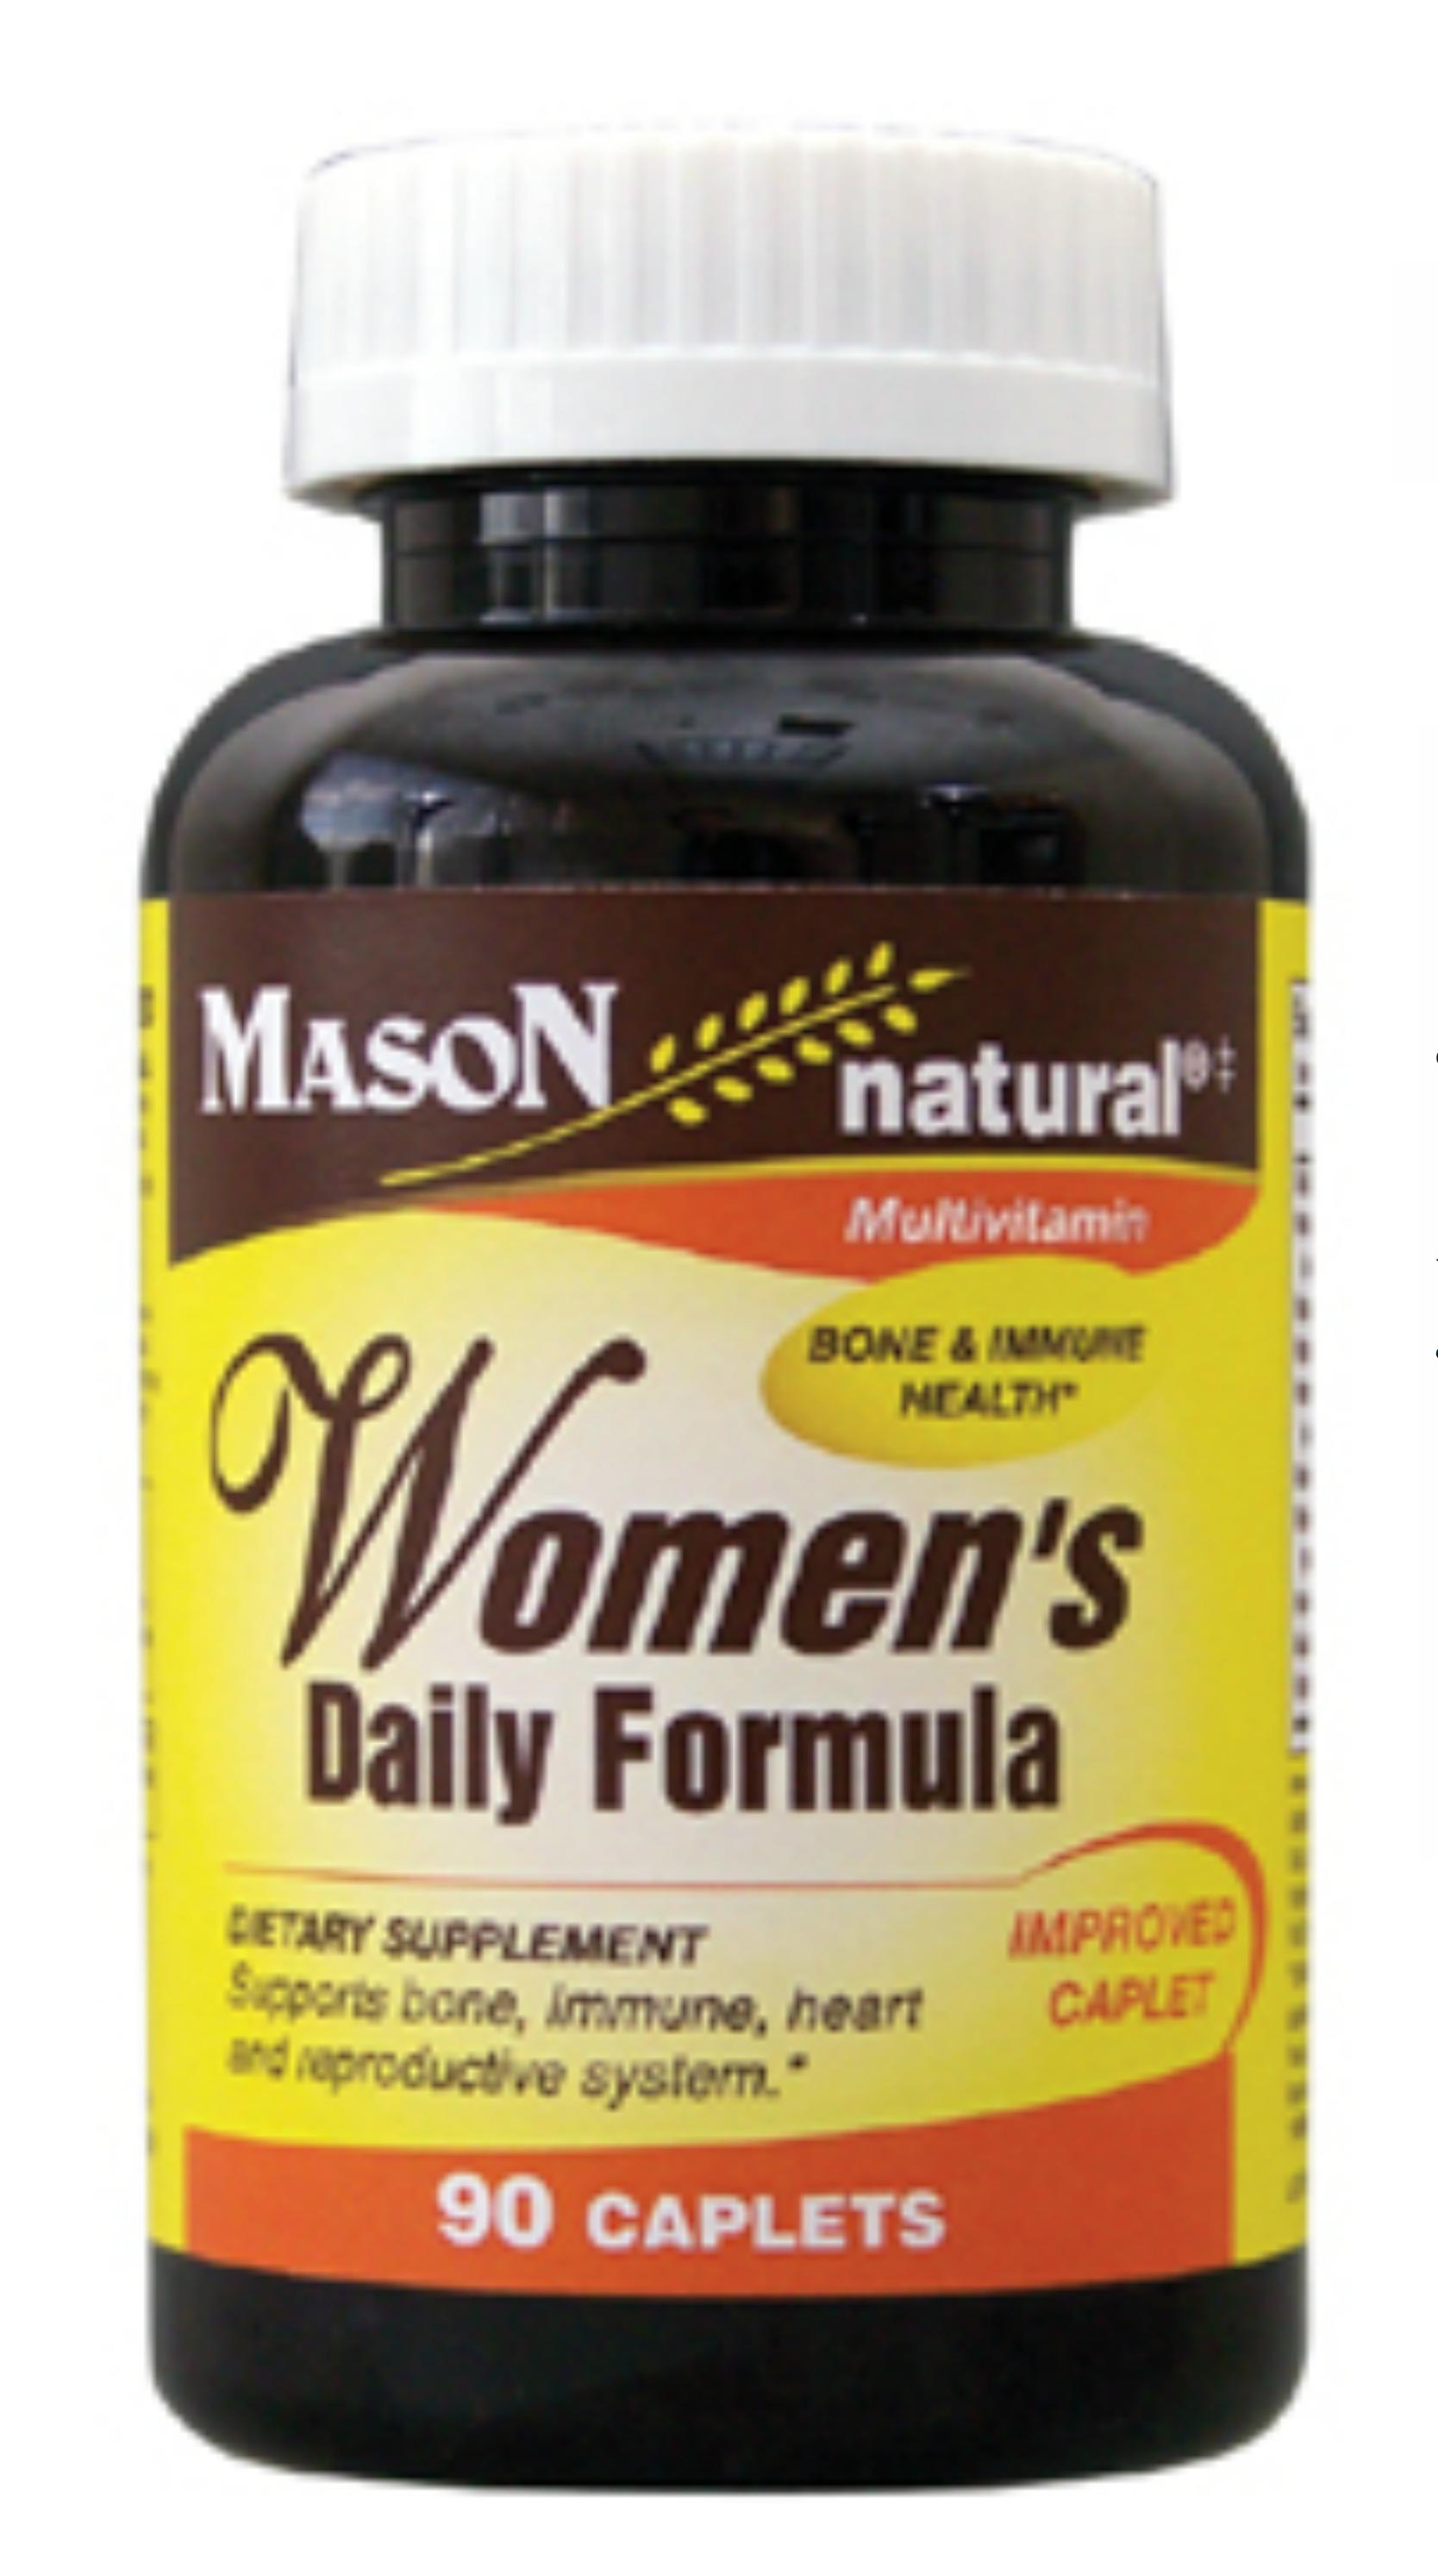 ქალის დღიური ფორმულა / Woman's Daily Formula